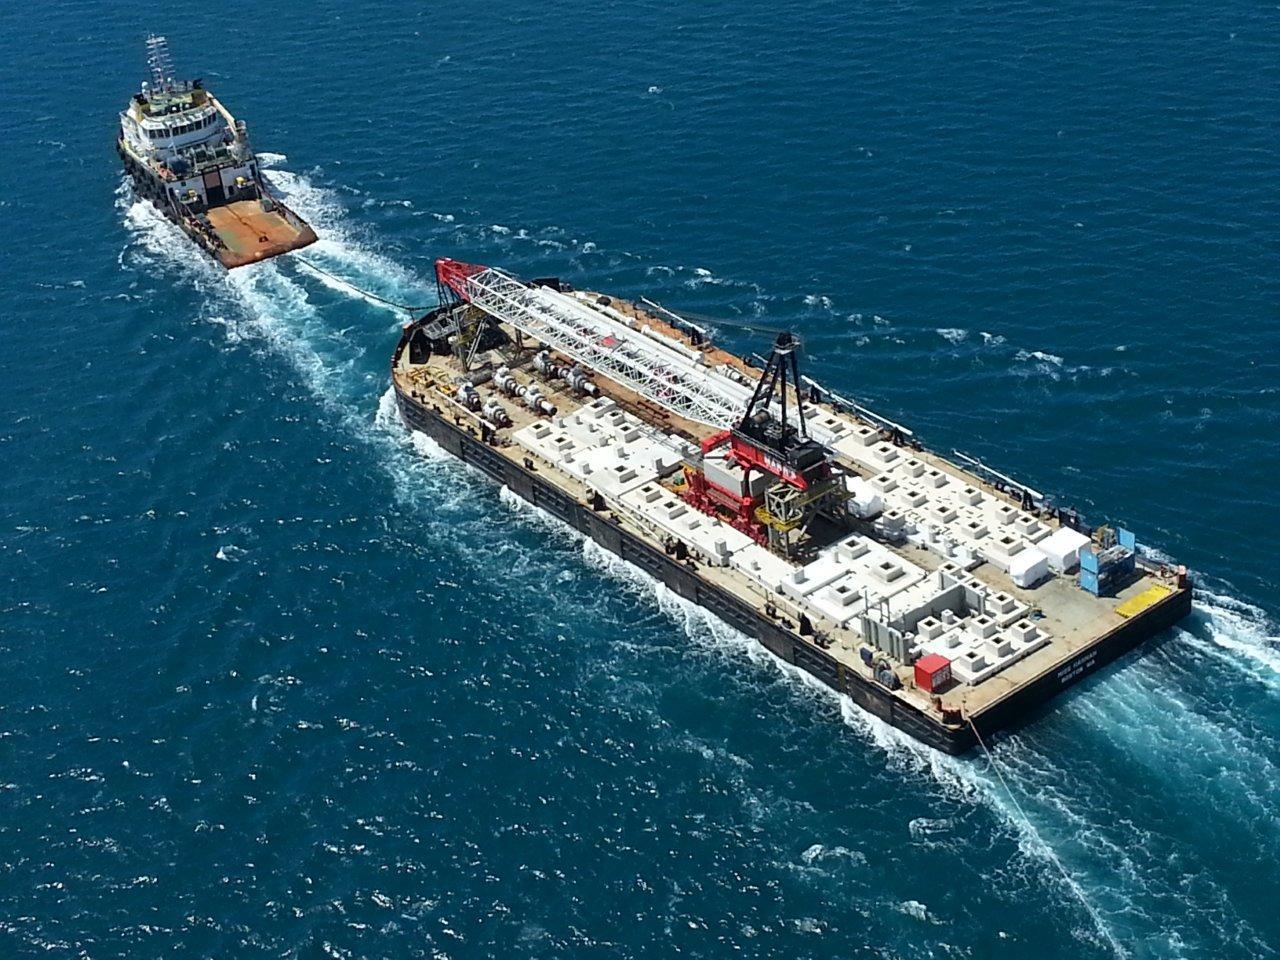 Flattop barge for sale / Built 2012 / 122 x 36m / 25t per m2 / DWT 20,000